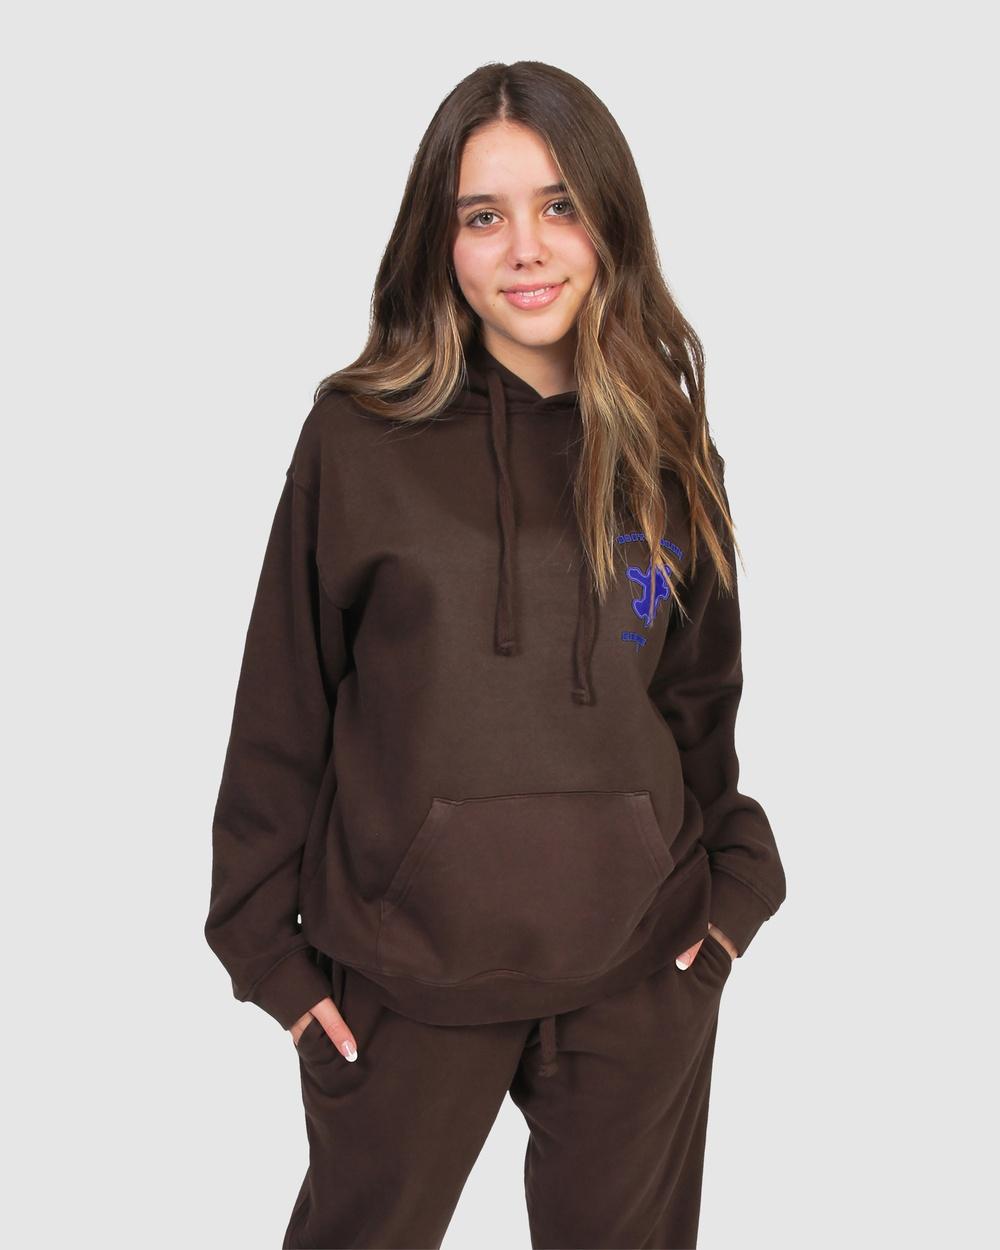 Gelati Jeans Kids Bounty Bear Hoodie Sweats & Hoodies Chocolate Brown Australia